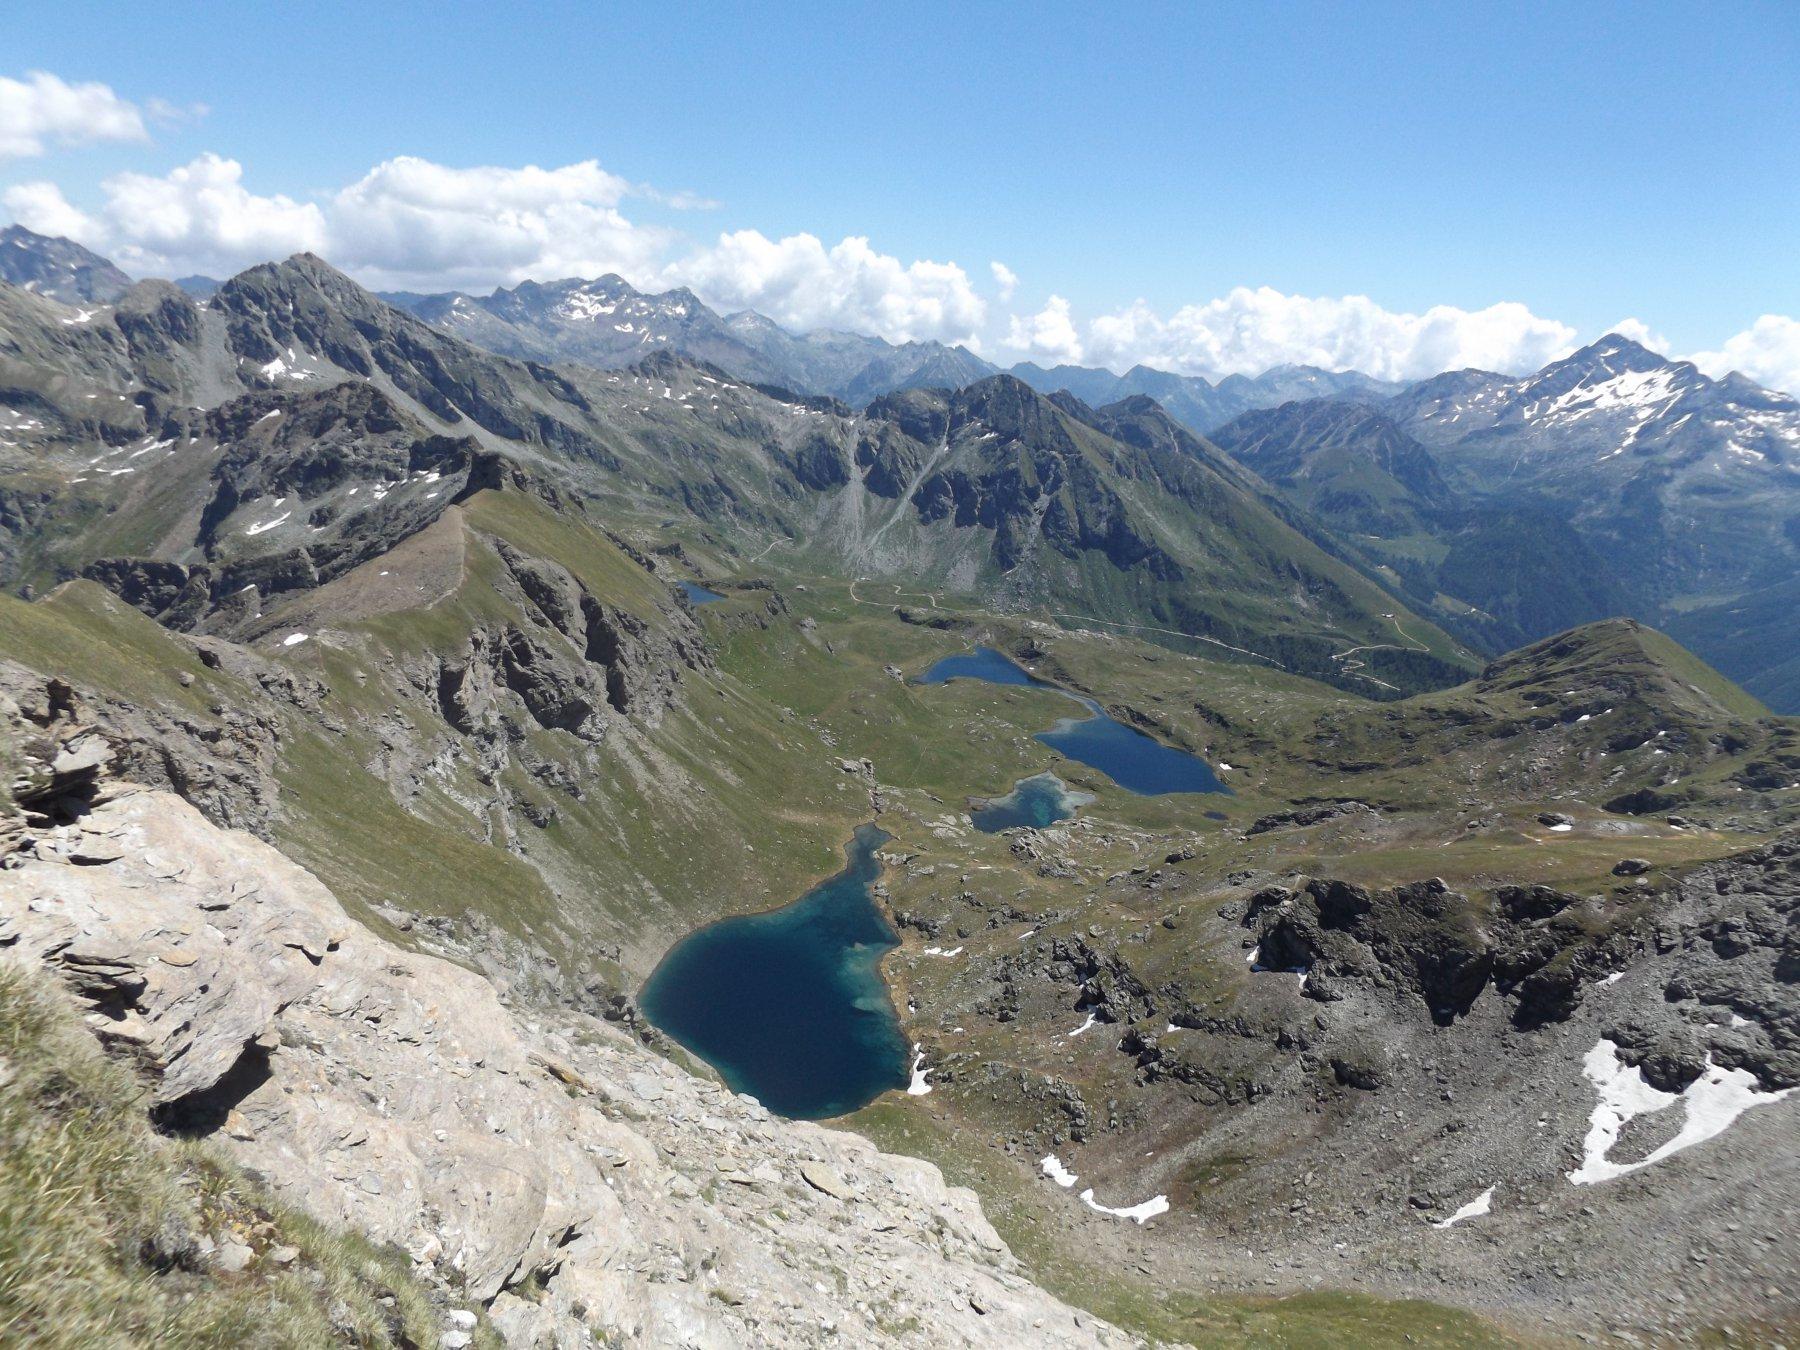 Alcuni laghi e la lunga ed aerea cresta